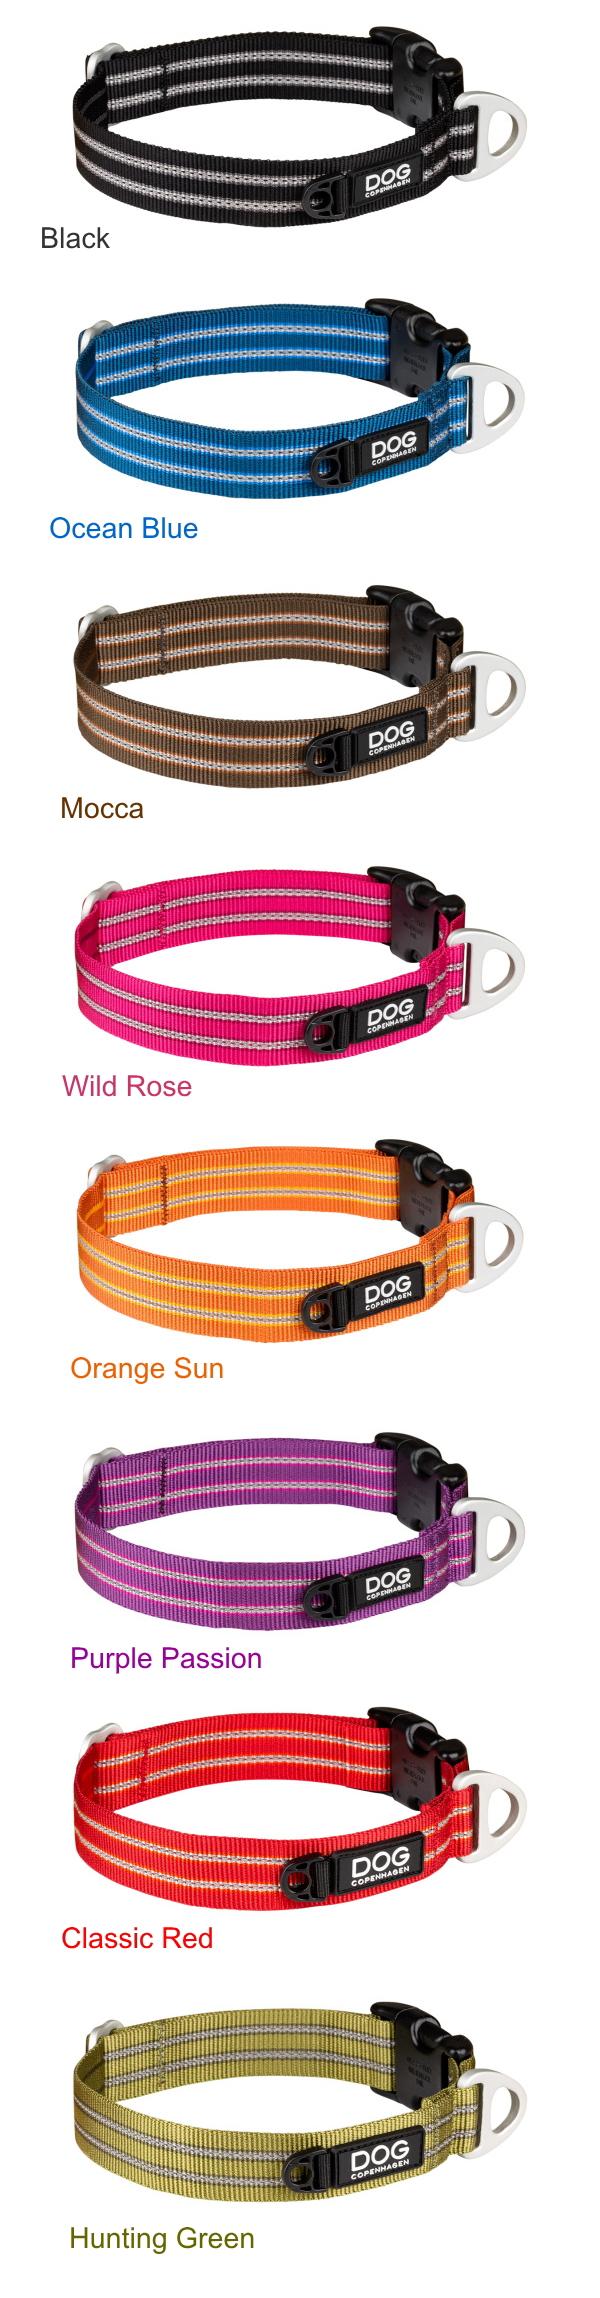 ブラック、ブルー、オレンジ、パープル、レッド、グリーン|ドッグコペンハーゲン アーバンスタイルカラー|犬グッズ通販HAU